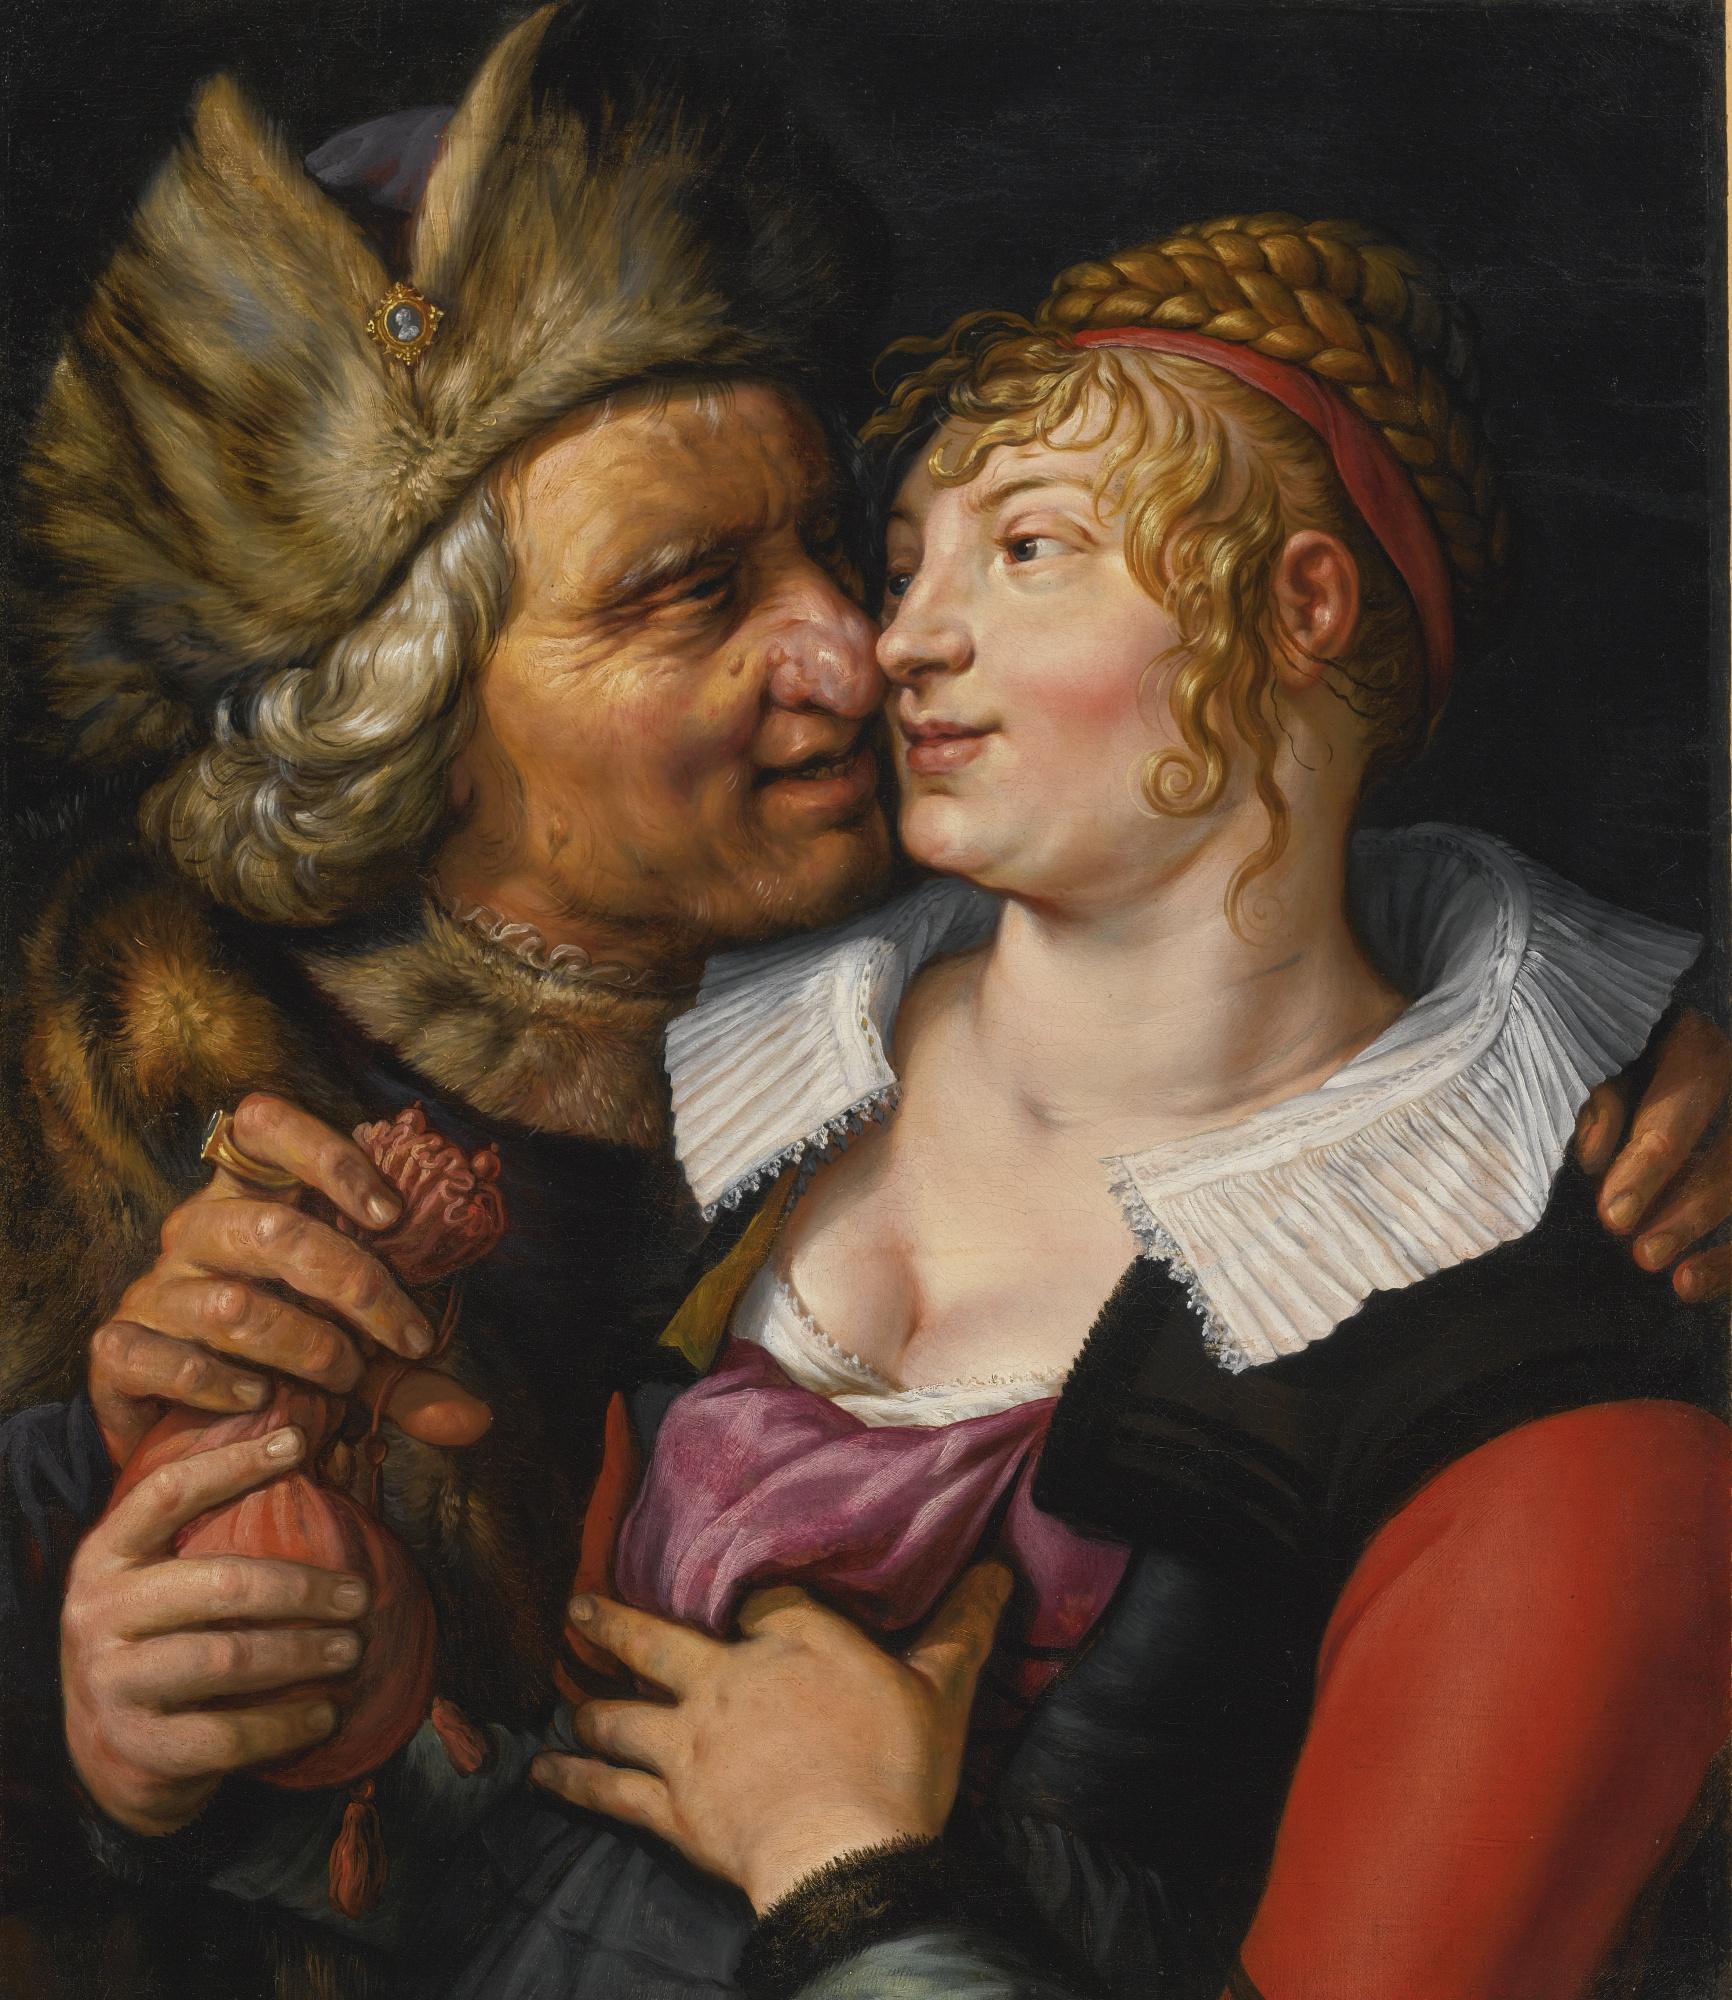 Картинки по запросу hendrick goltzius unequal lovers